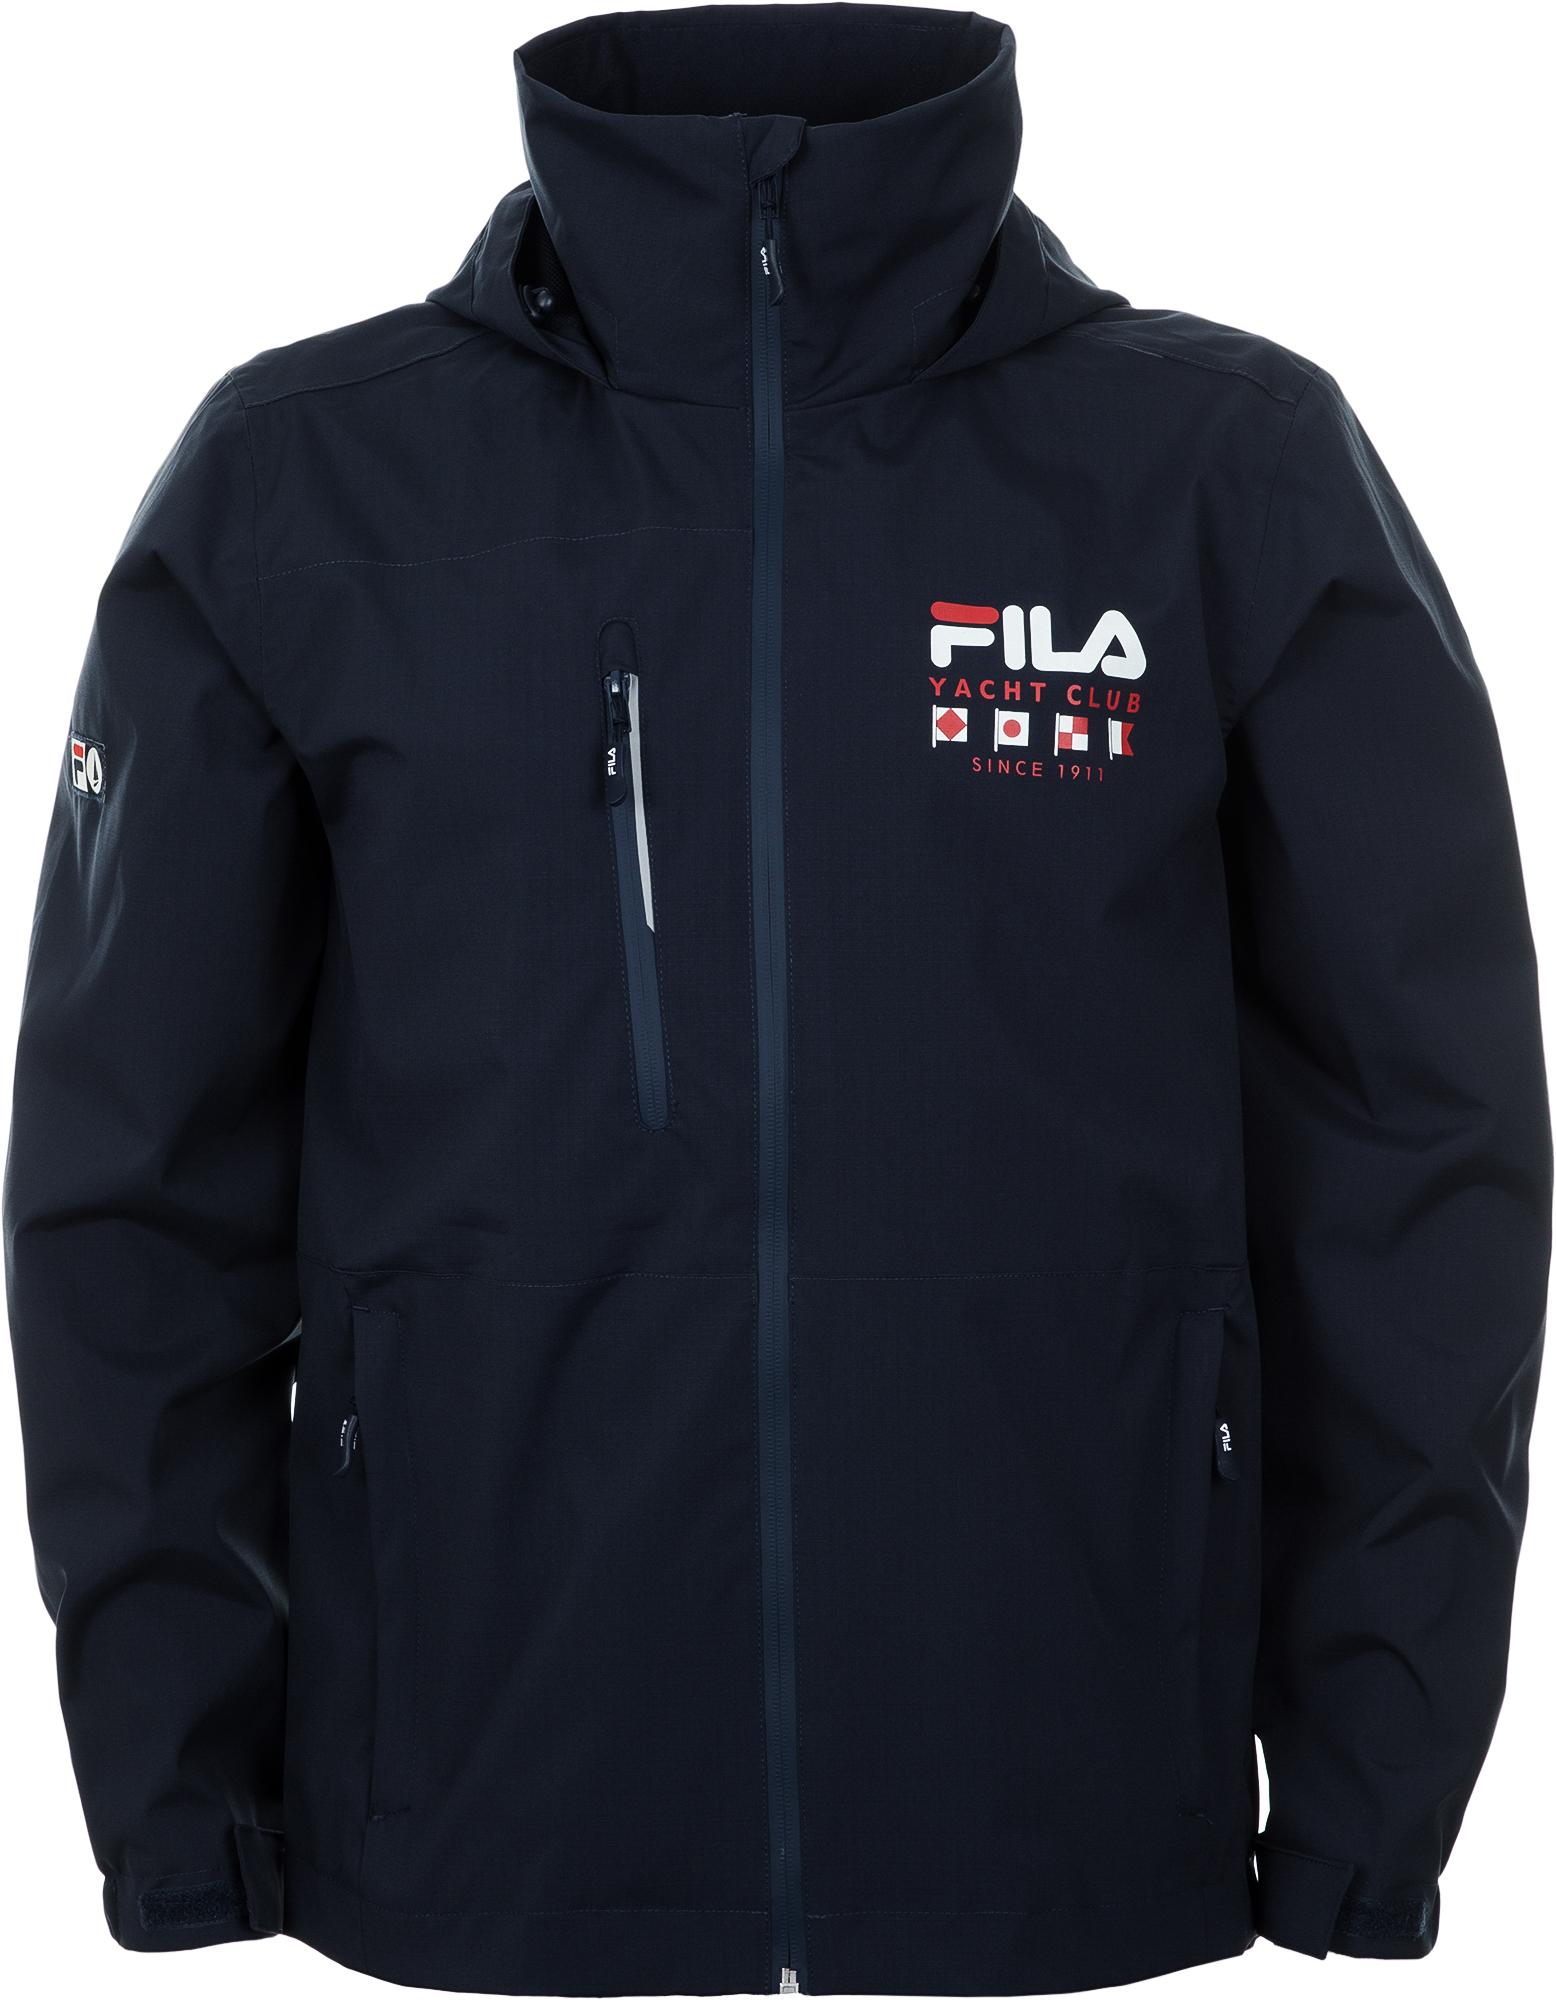 Fila Ветровка мужская Fila, размер 54 куртка мужская fila цвет черный a19afljam07 99 размер m 48